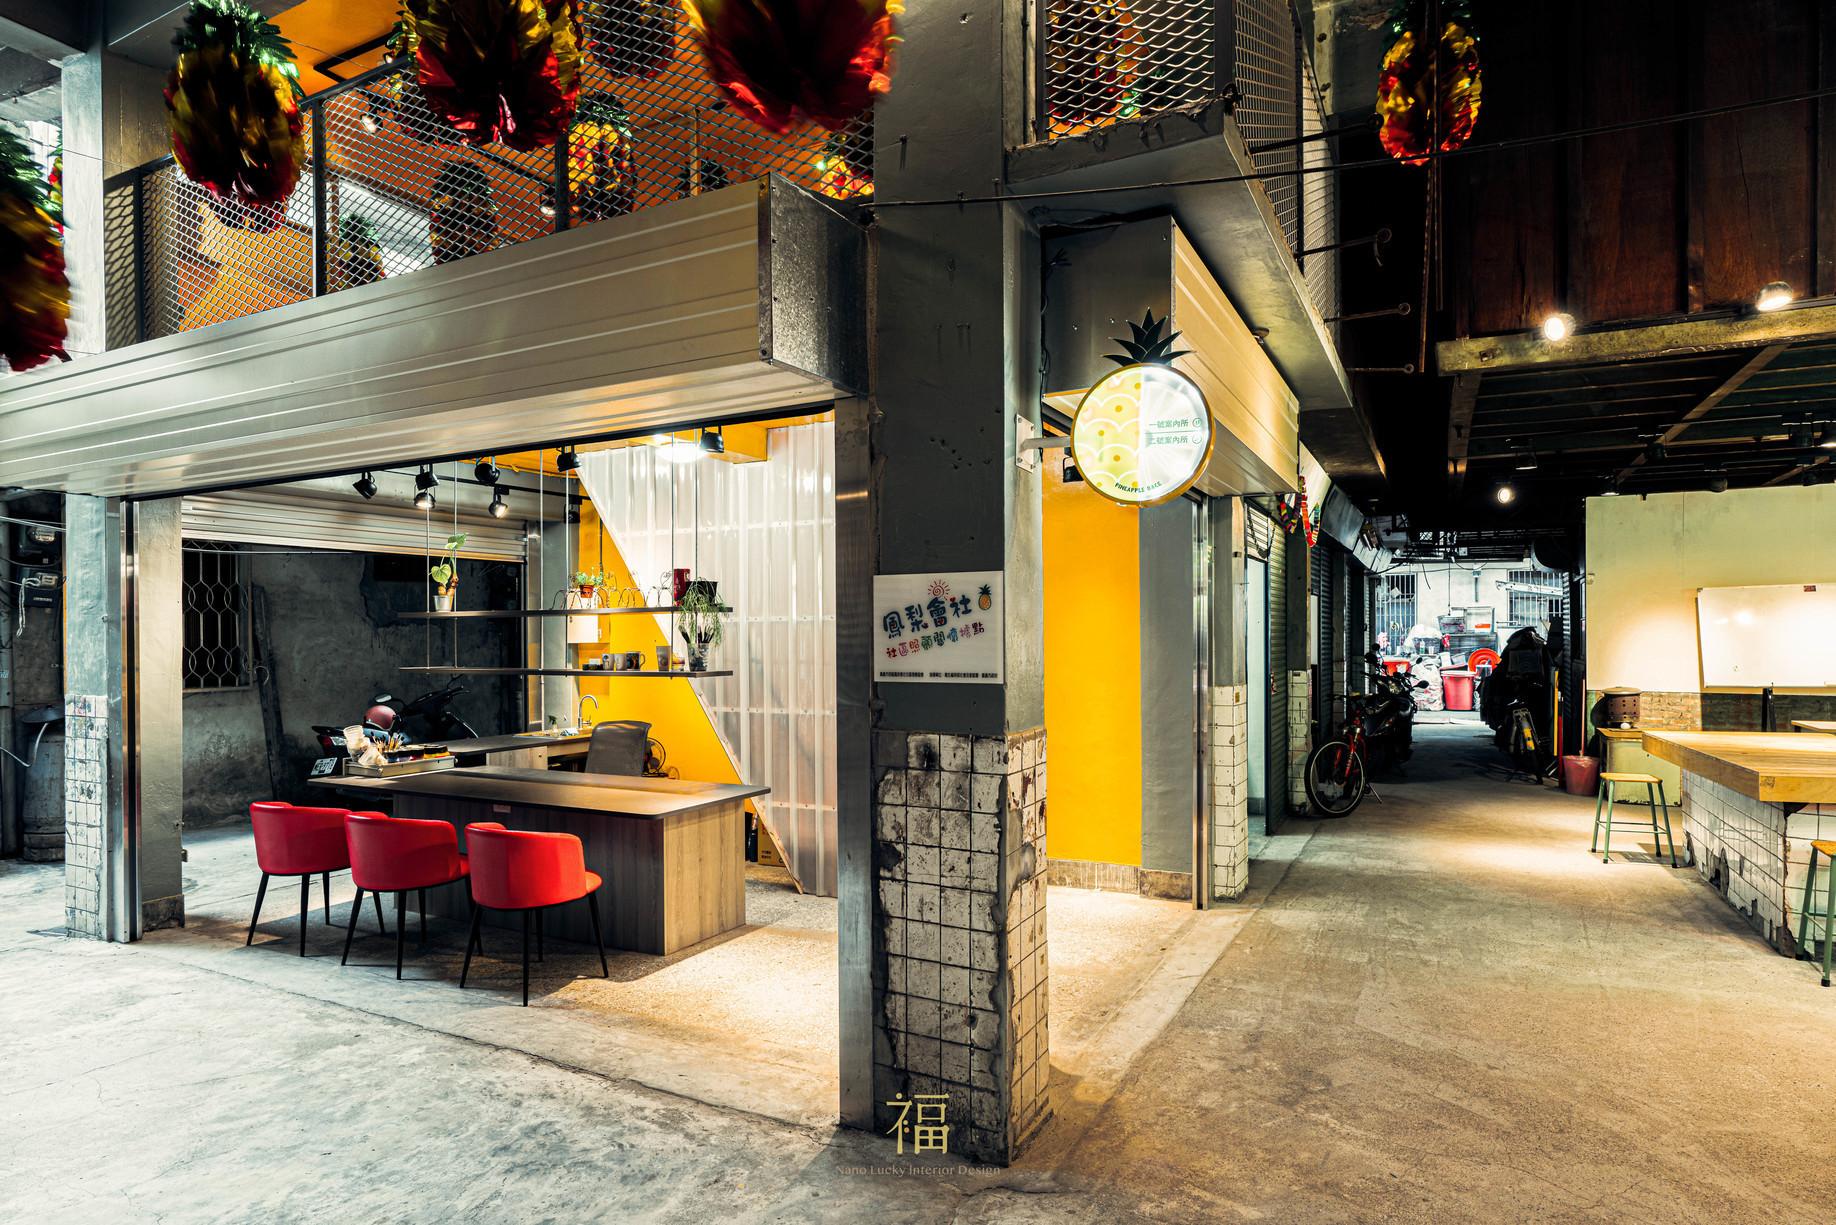 鳳梨會社5點0-嘉義市鳳梨會社發展協會|小福砌社區空間規劃設計